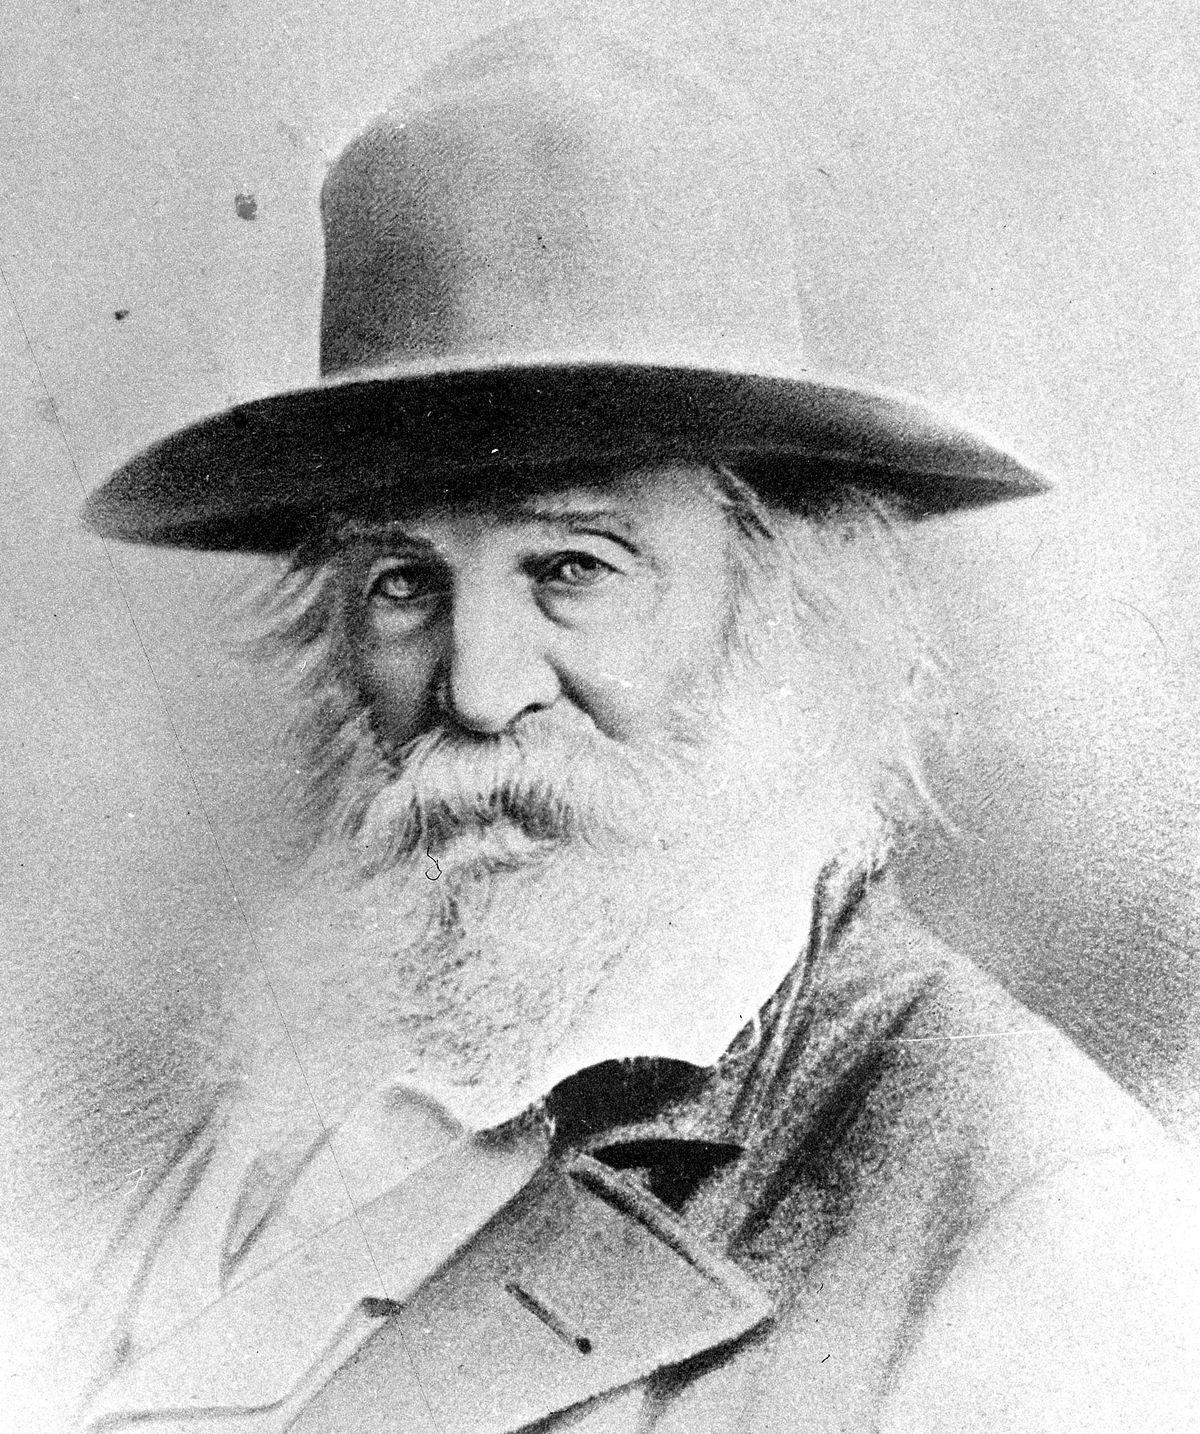 Whitman profile